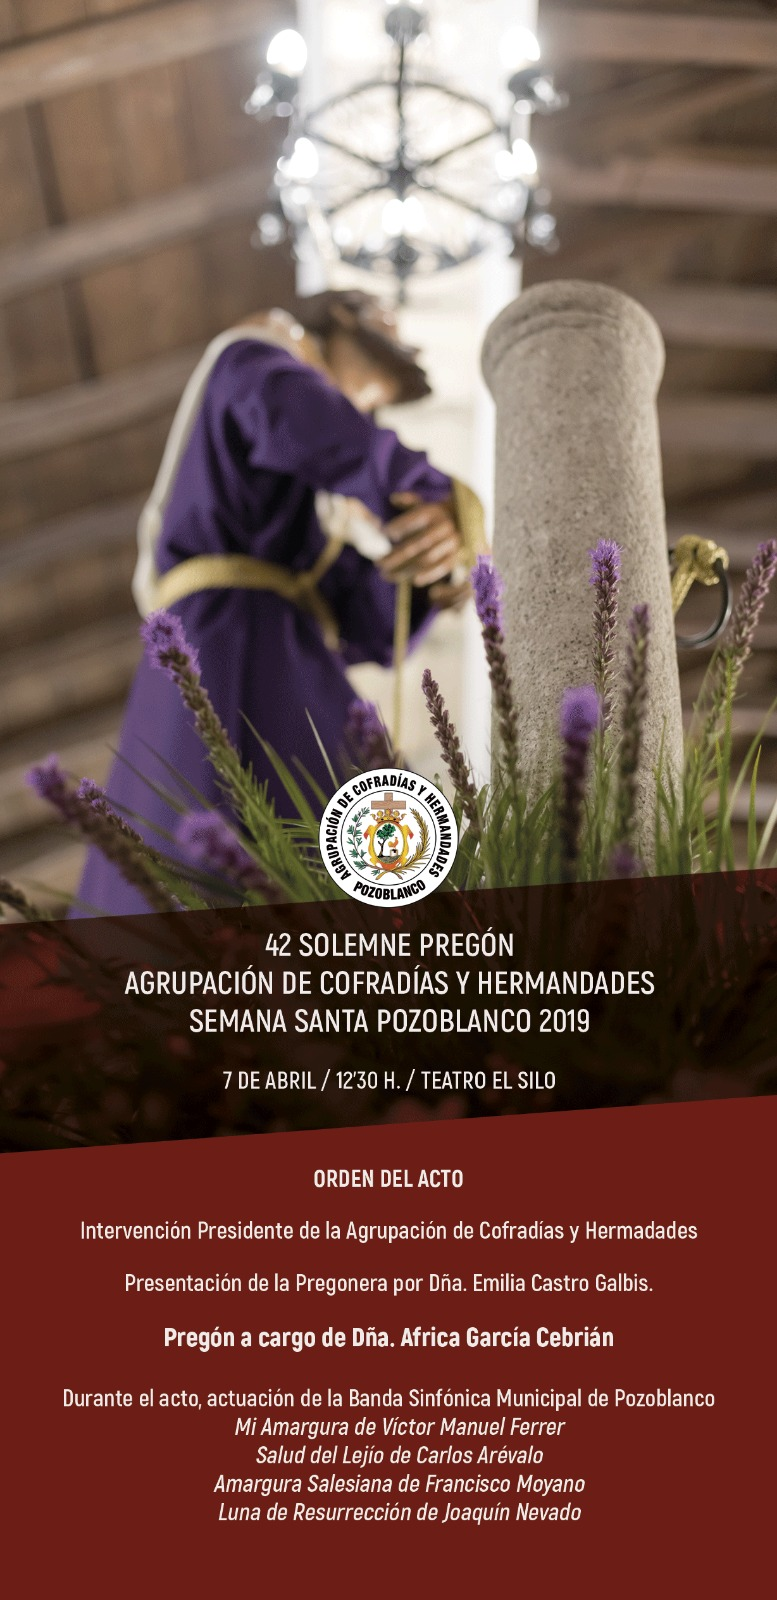 42 Pregon de Semana Santa Pozoblanco 2019